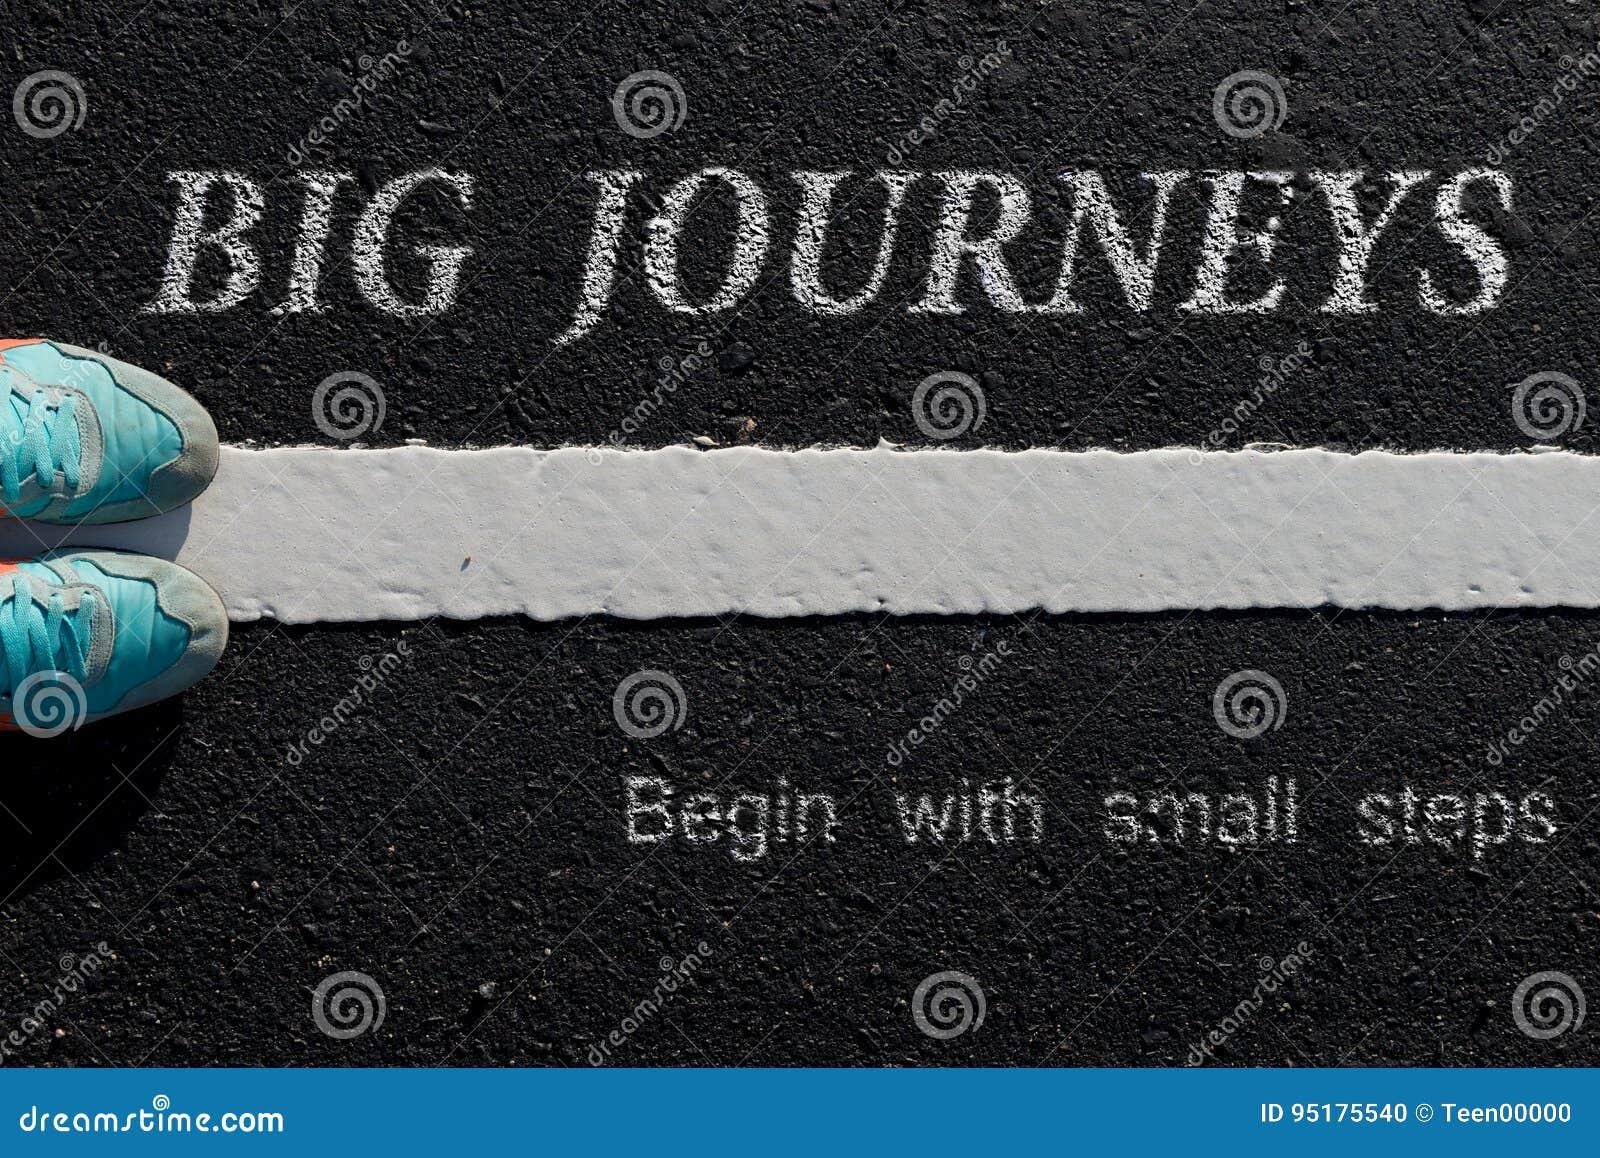 Inspiratiecitaat: De grote reizen beginnen met kleine stappen op a